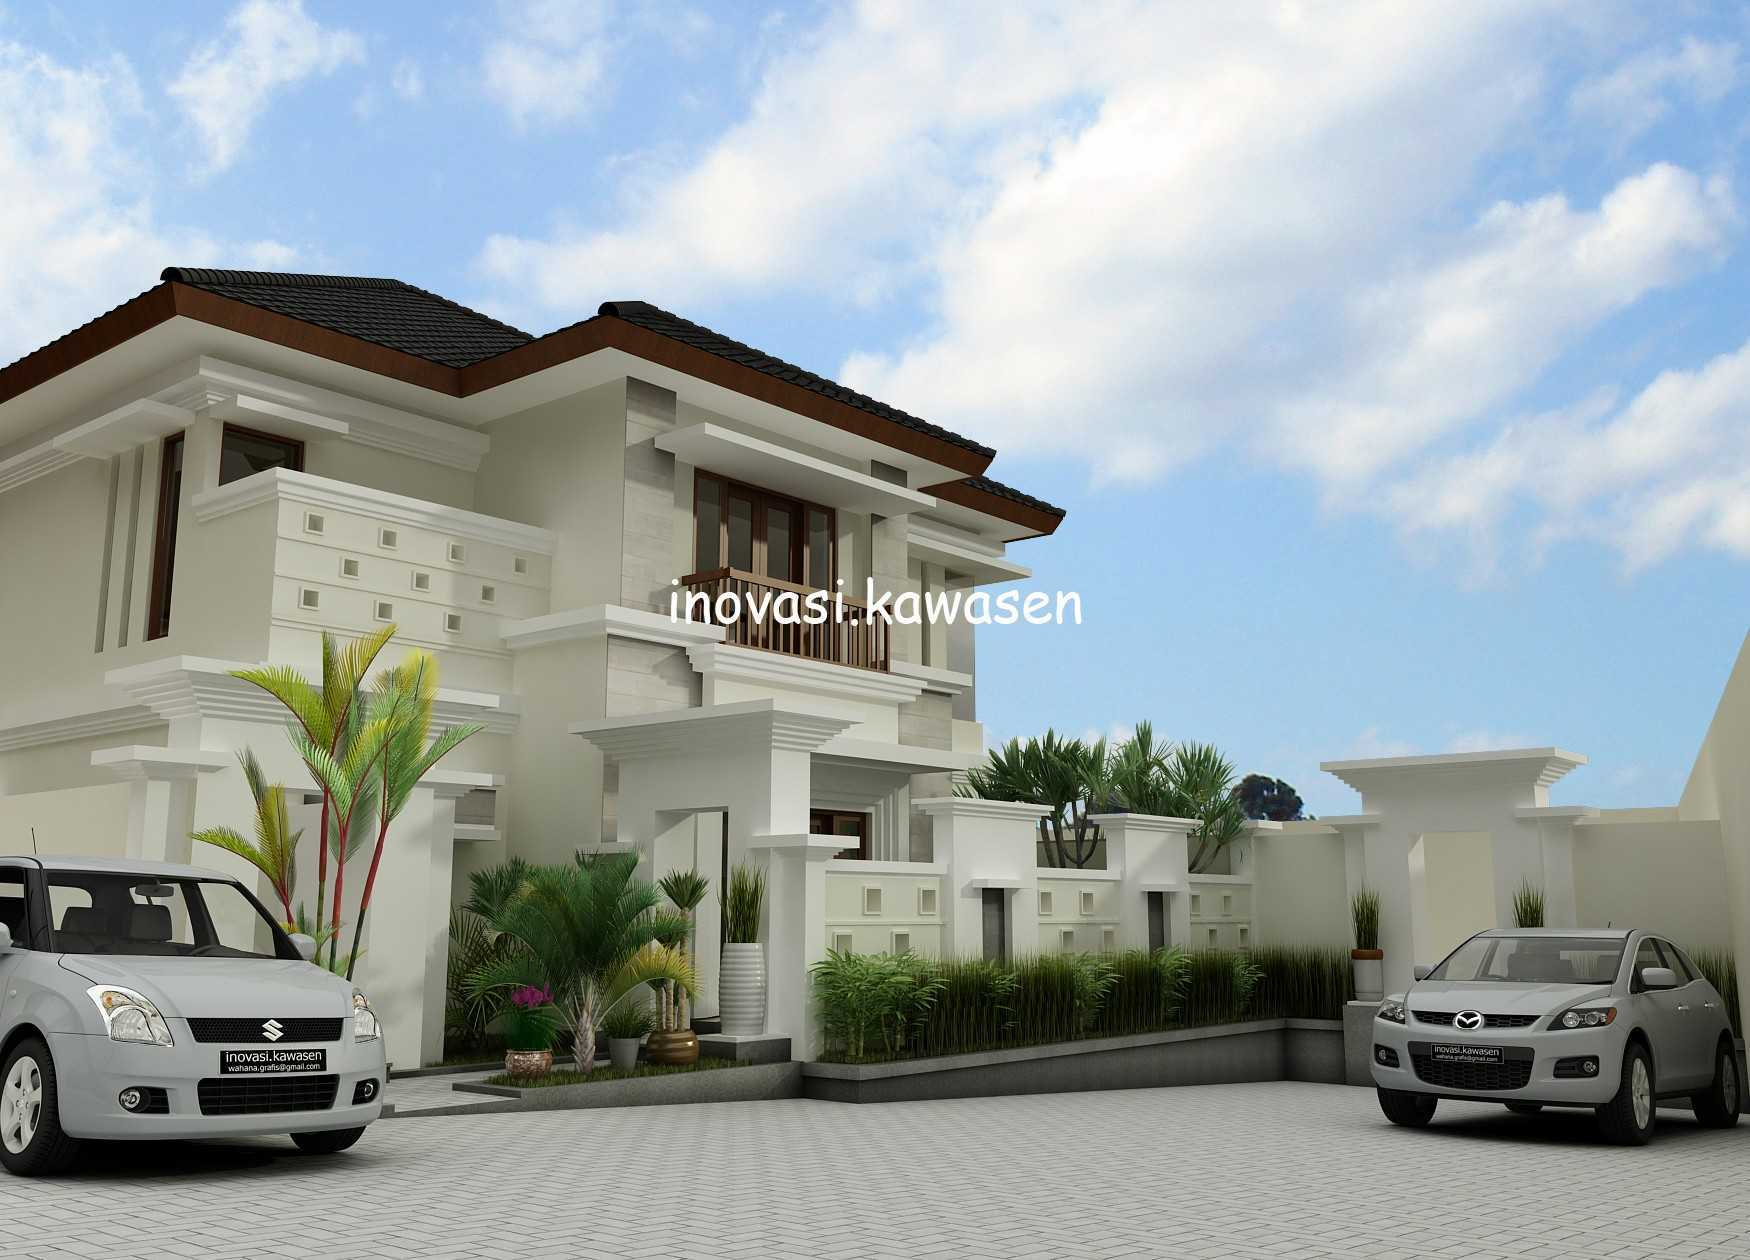 Inovasi Kawasen Desain Villa Bpk. Vadara Bogor, Jawa Barat, Indonesia Bogor, Jawa Barat, Indonesia Inovasikawasen-Desain-Villa-Bpk-Vadara  89442